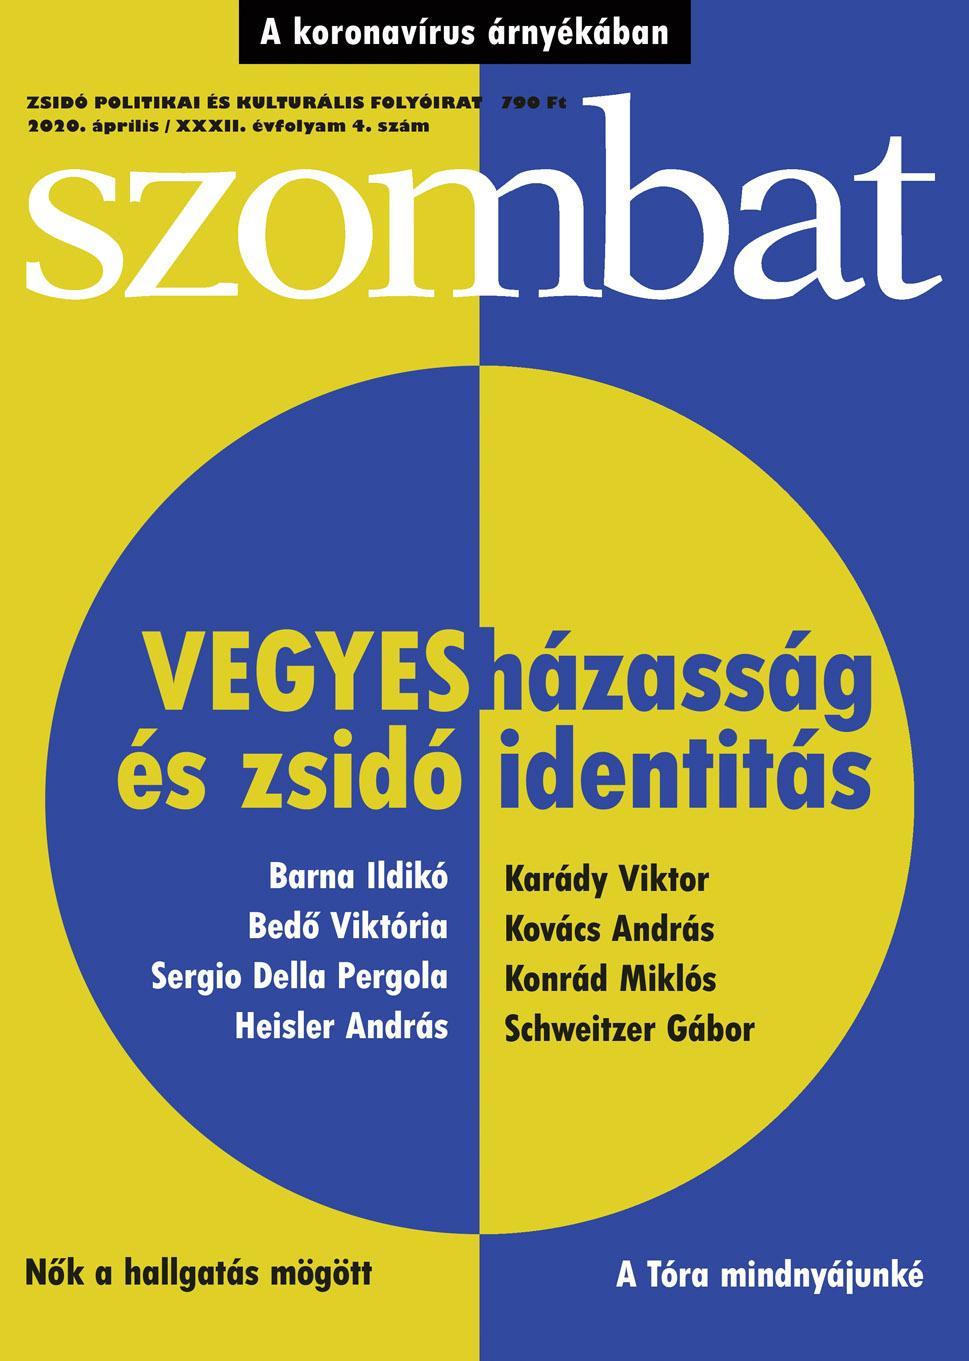 Megjelent a Szombat 2020. áprilisi száma | Szombat Online